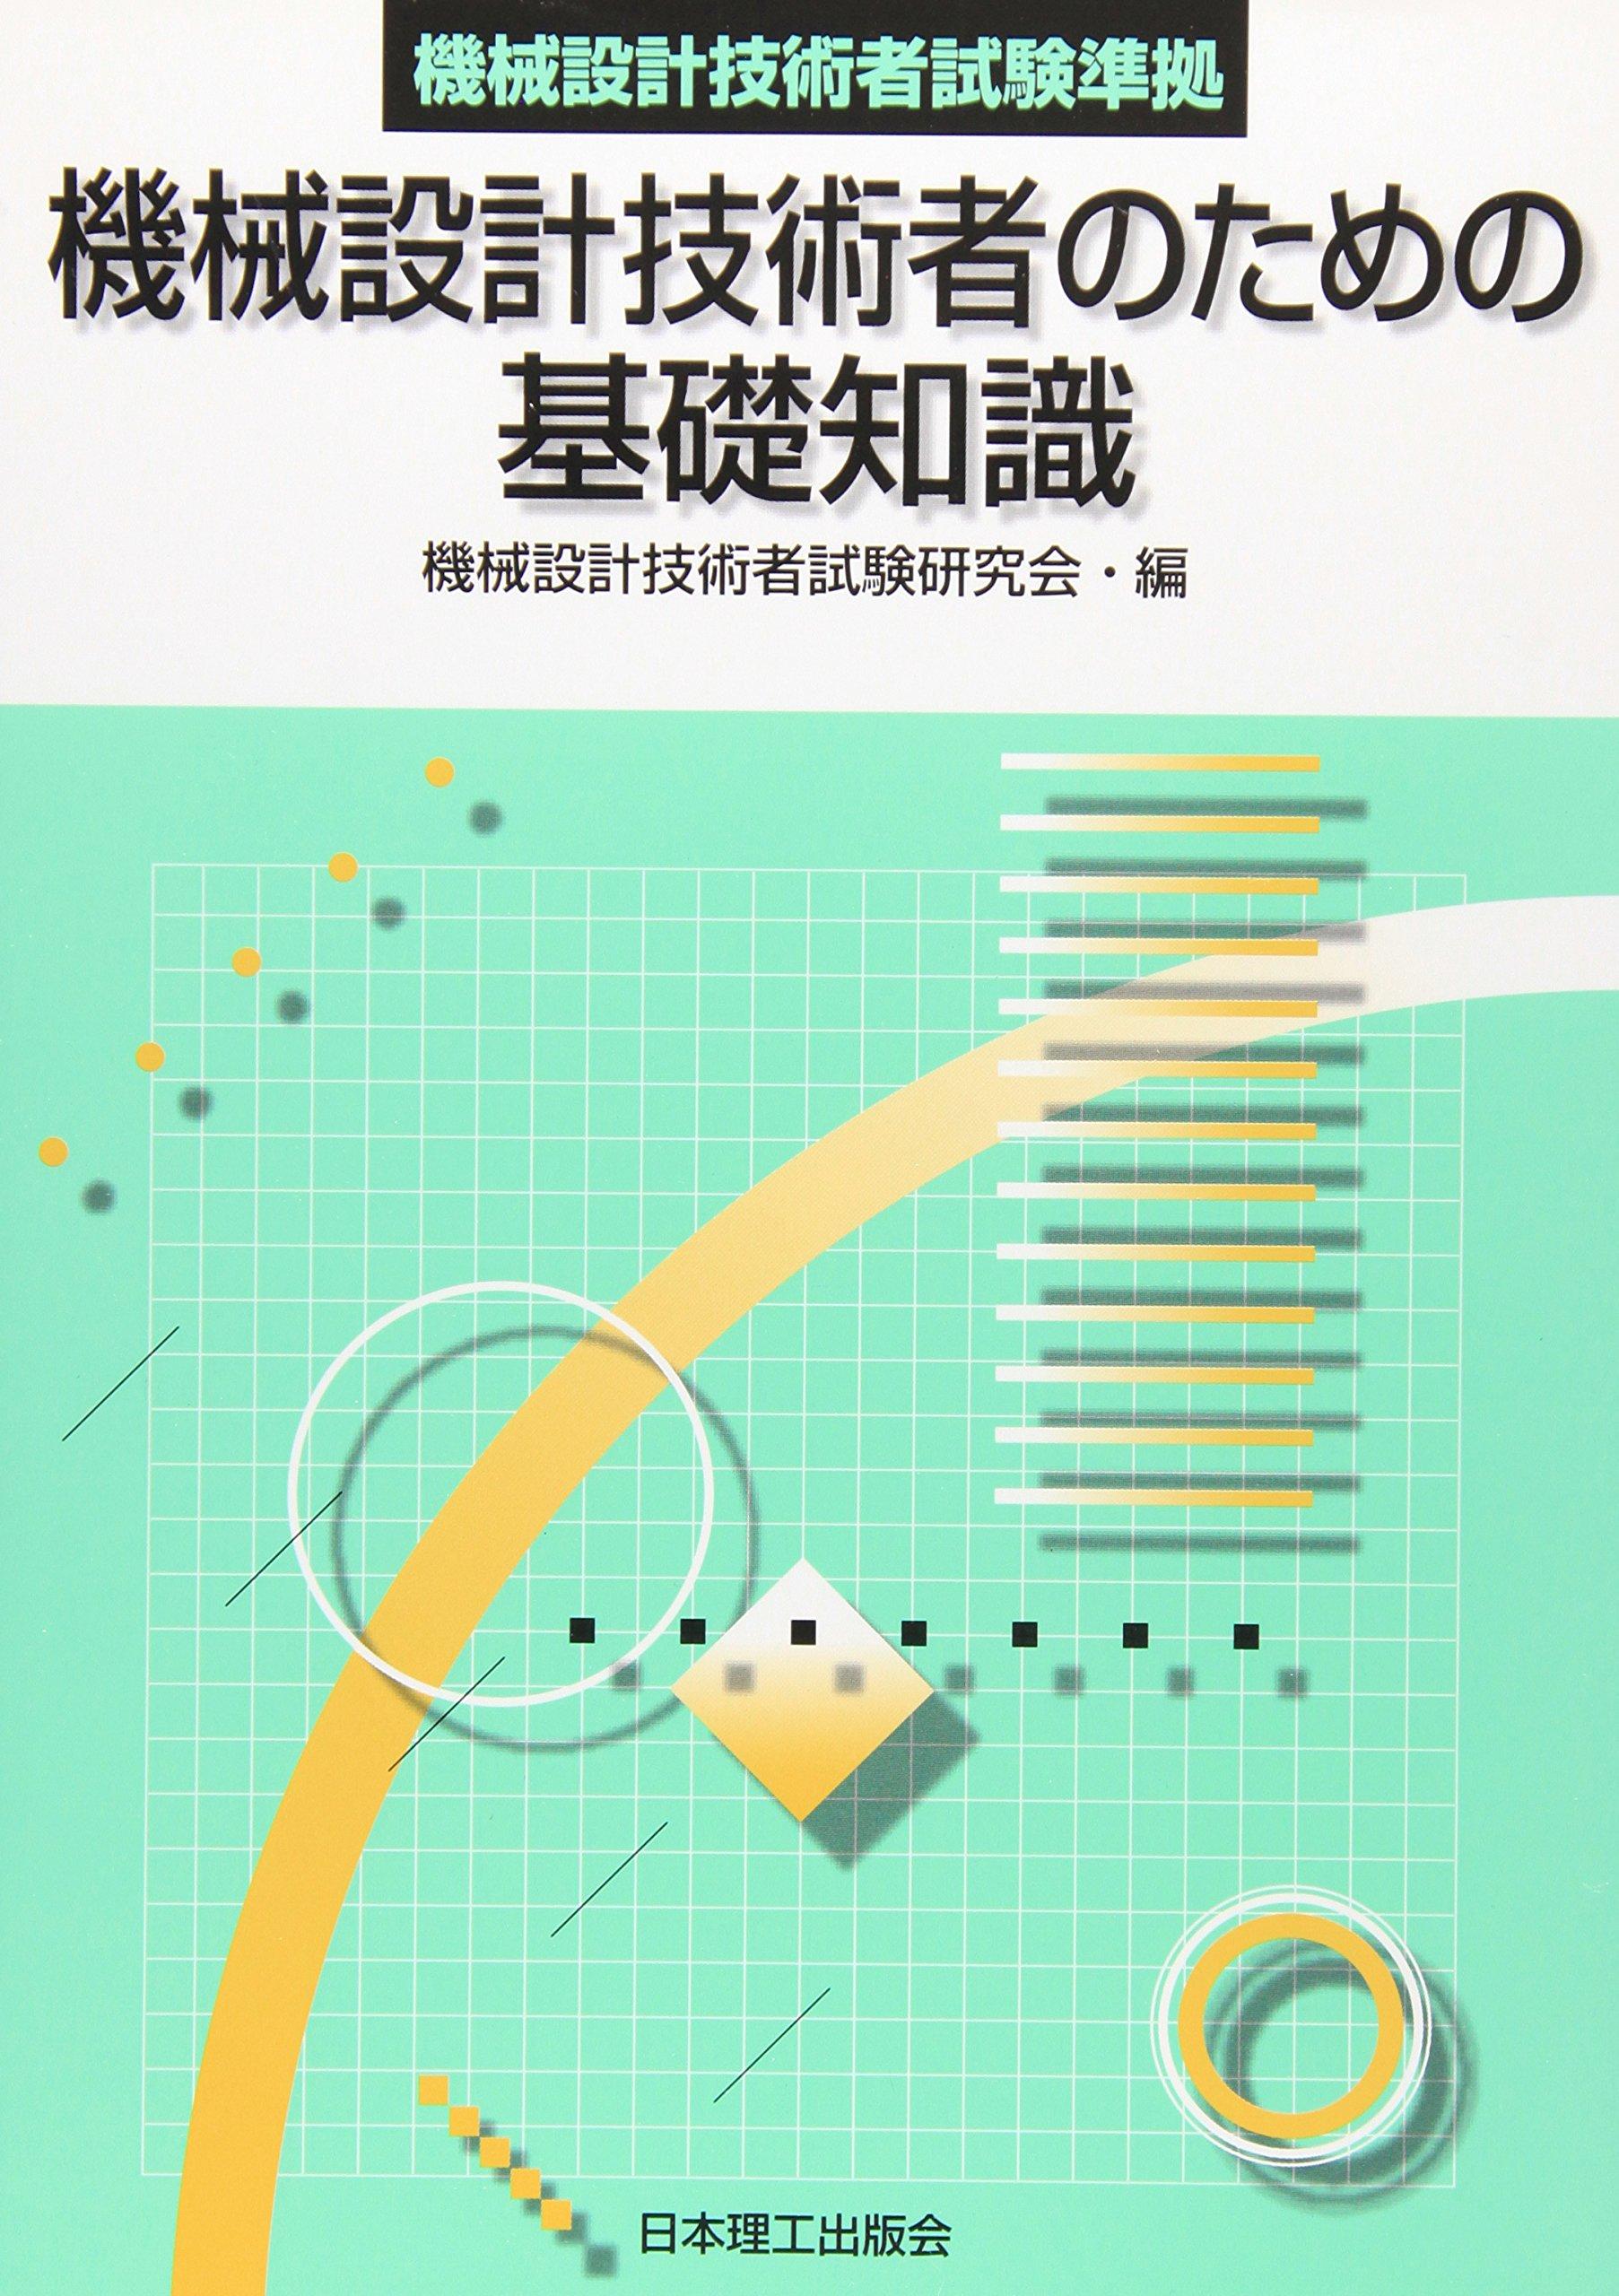 機械設計技術者試験準拠 機械設計技術者のための基礎知識 | 機械設計 ...